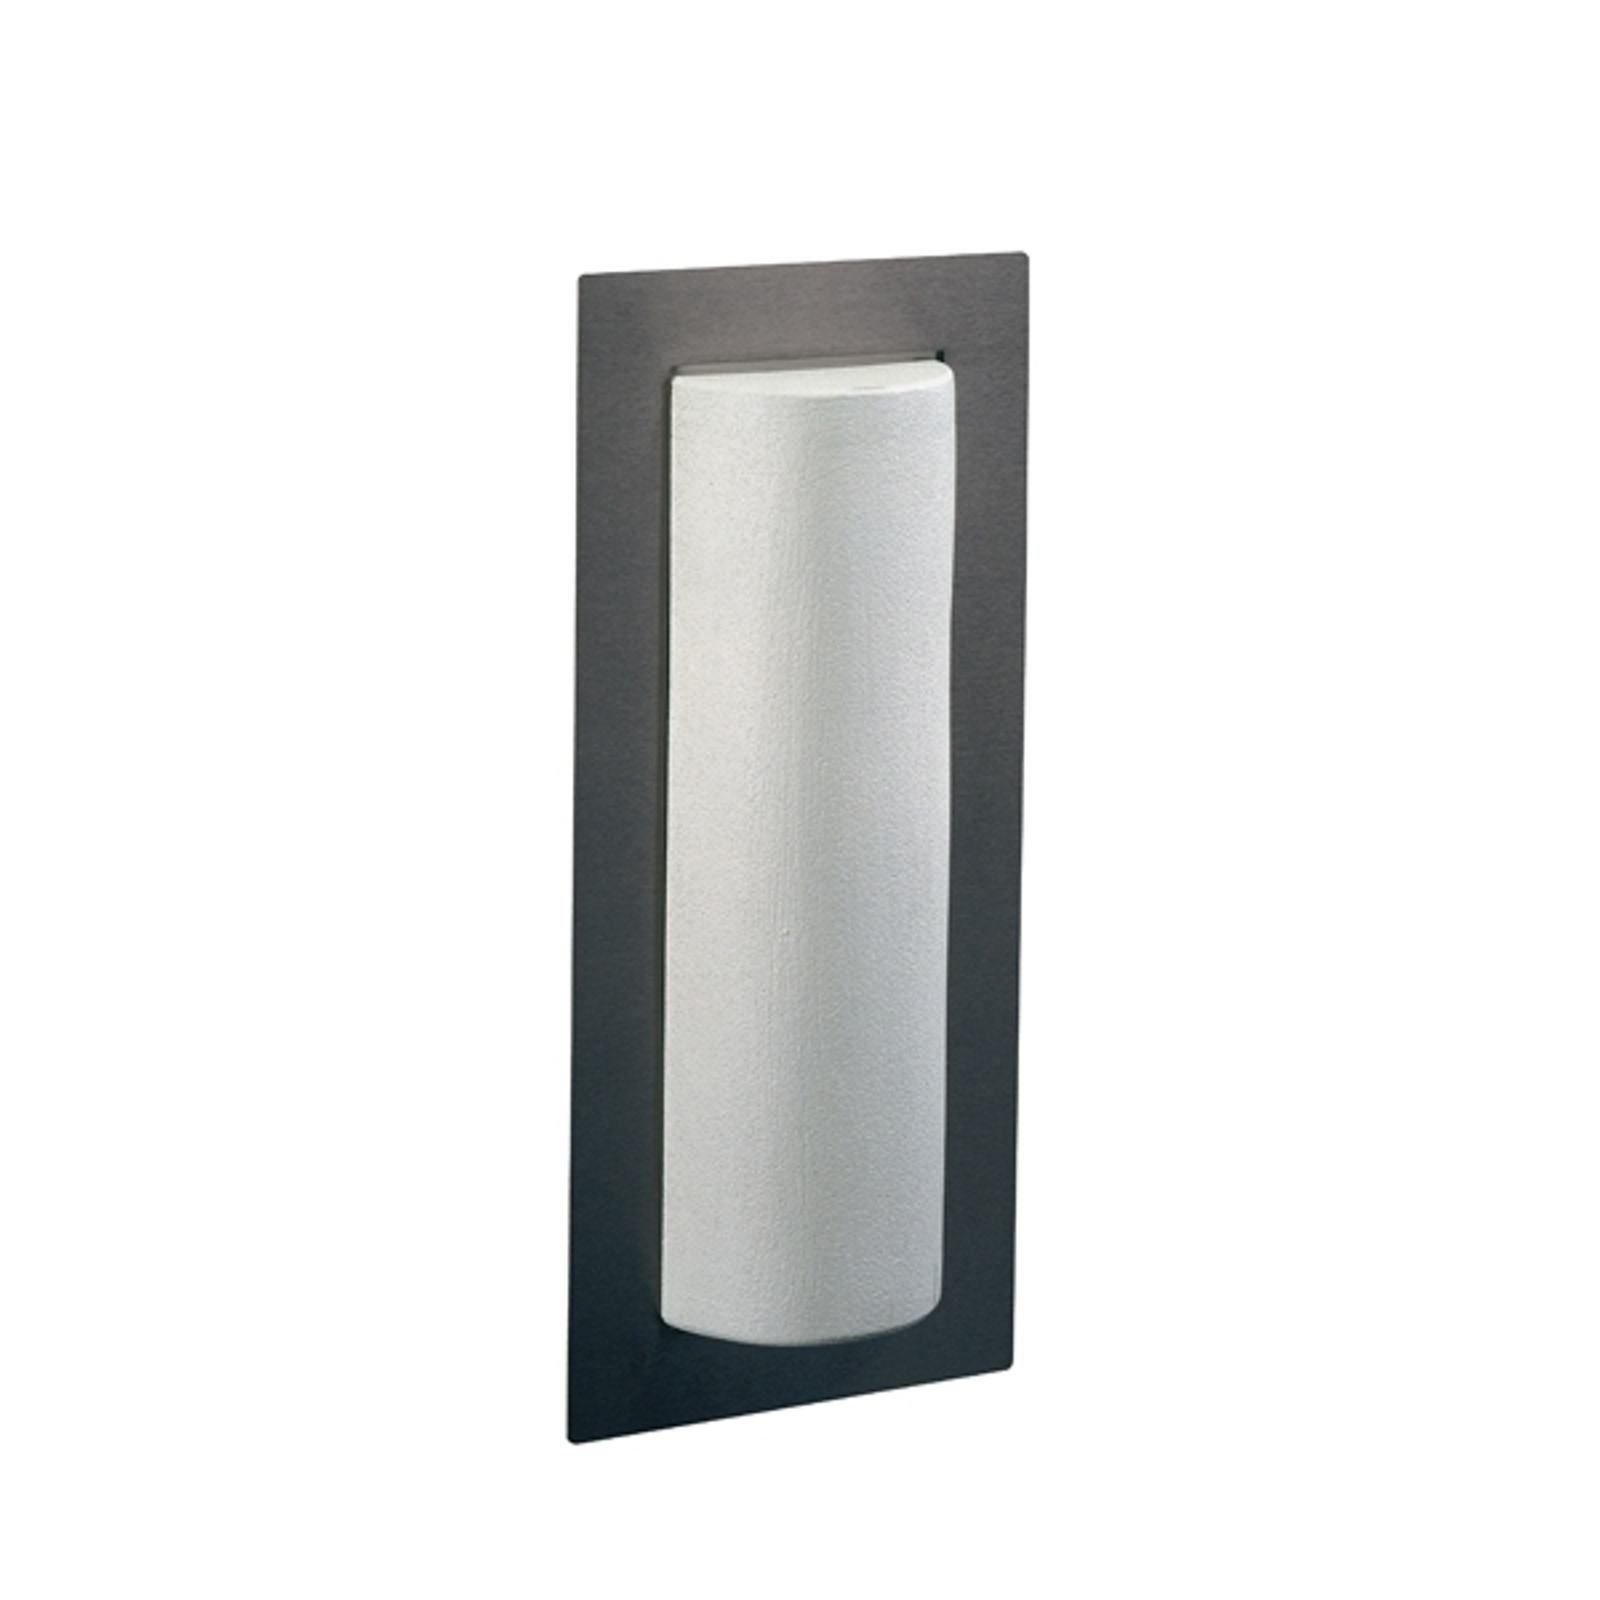 Zewnętrzna lampa sufitowa / ścienna 420